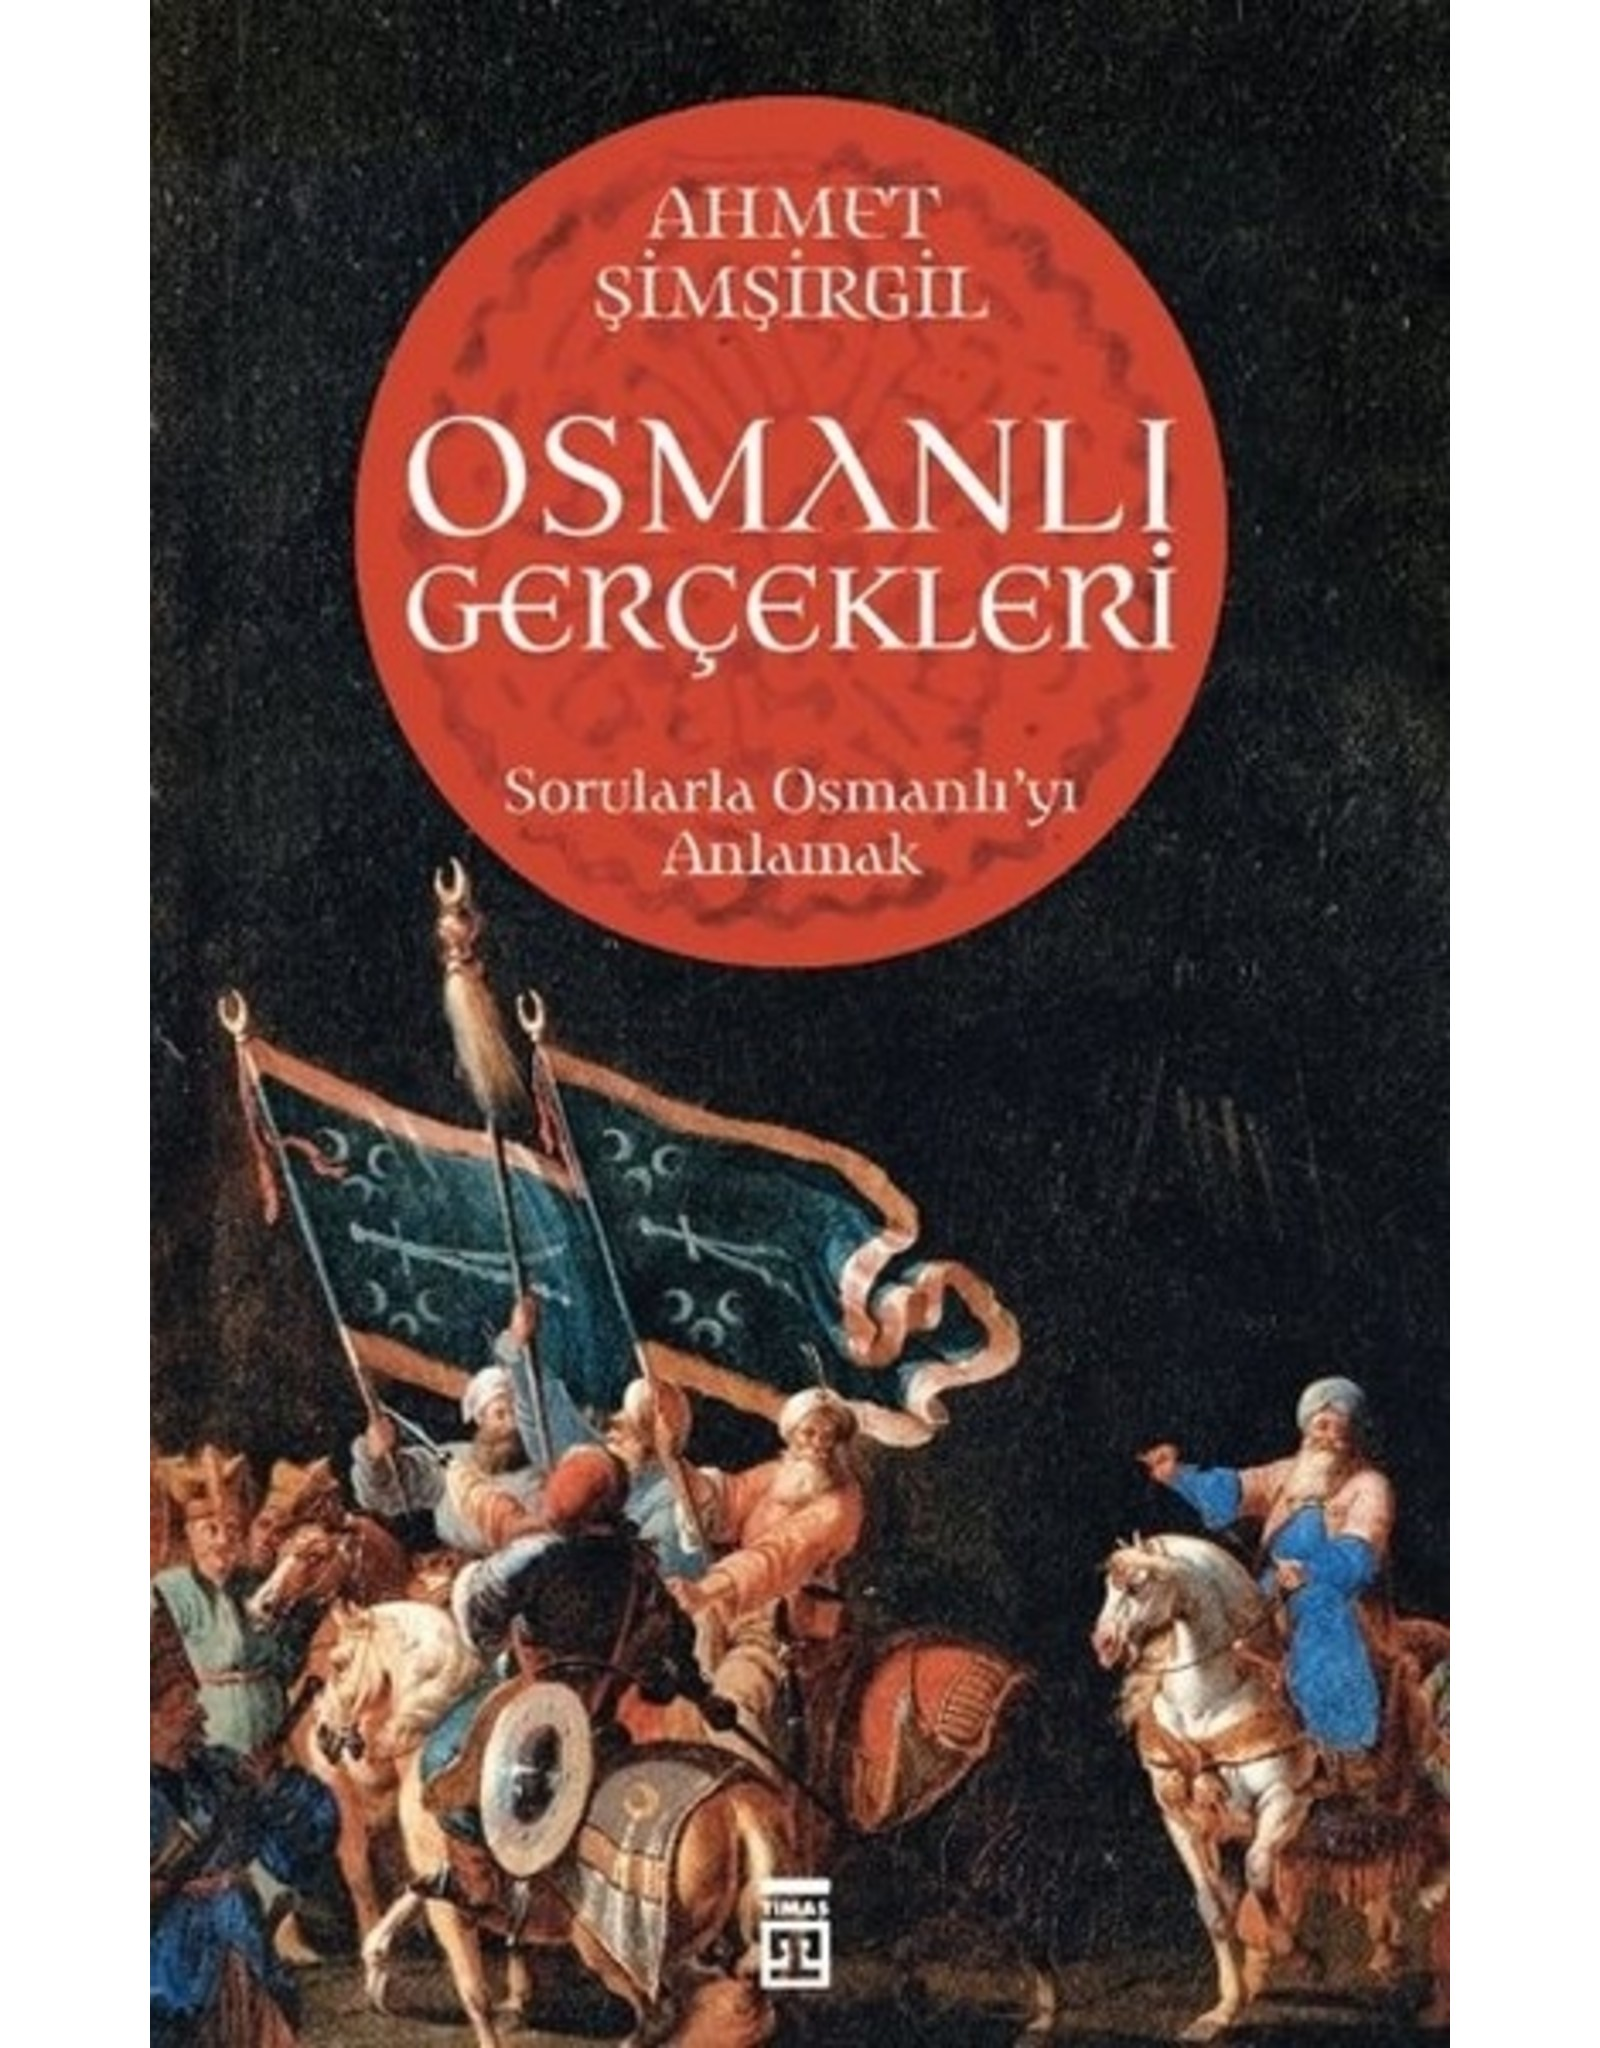 Ahmet Şimşirgil Osmanlı Gerçekleri Sorularla Osmanlı'yı Anlamak